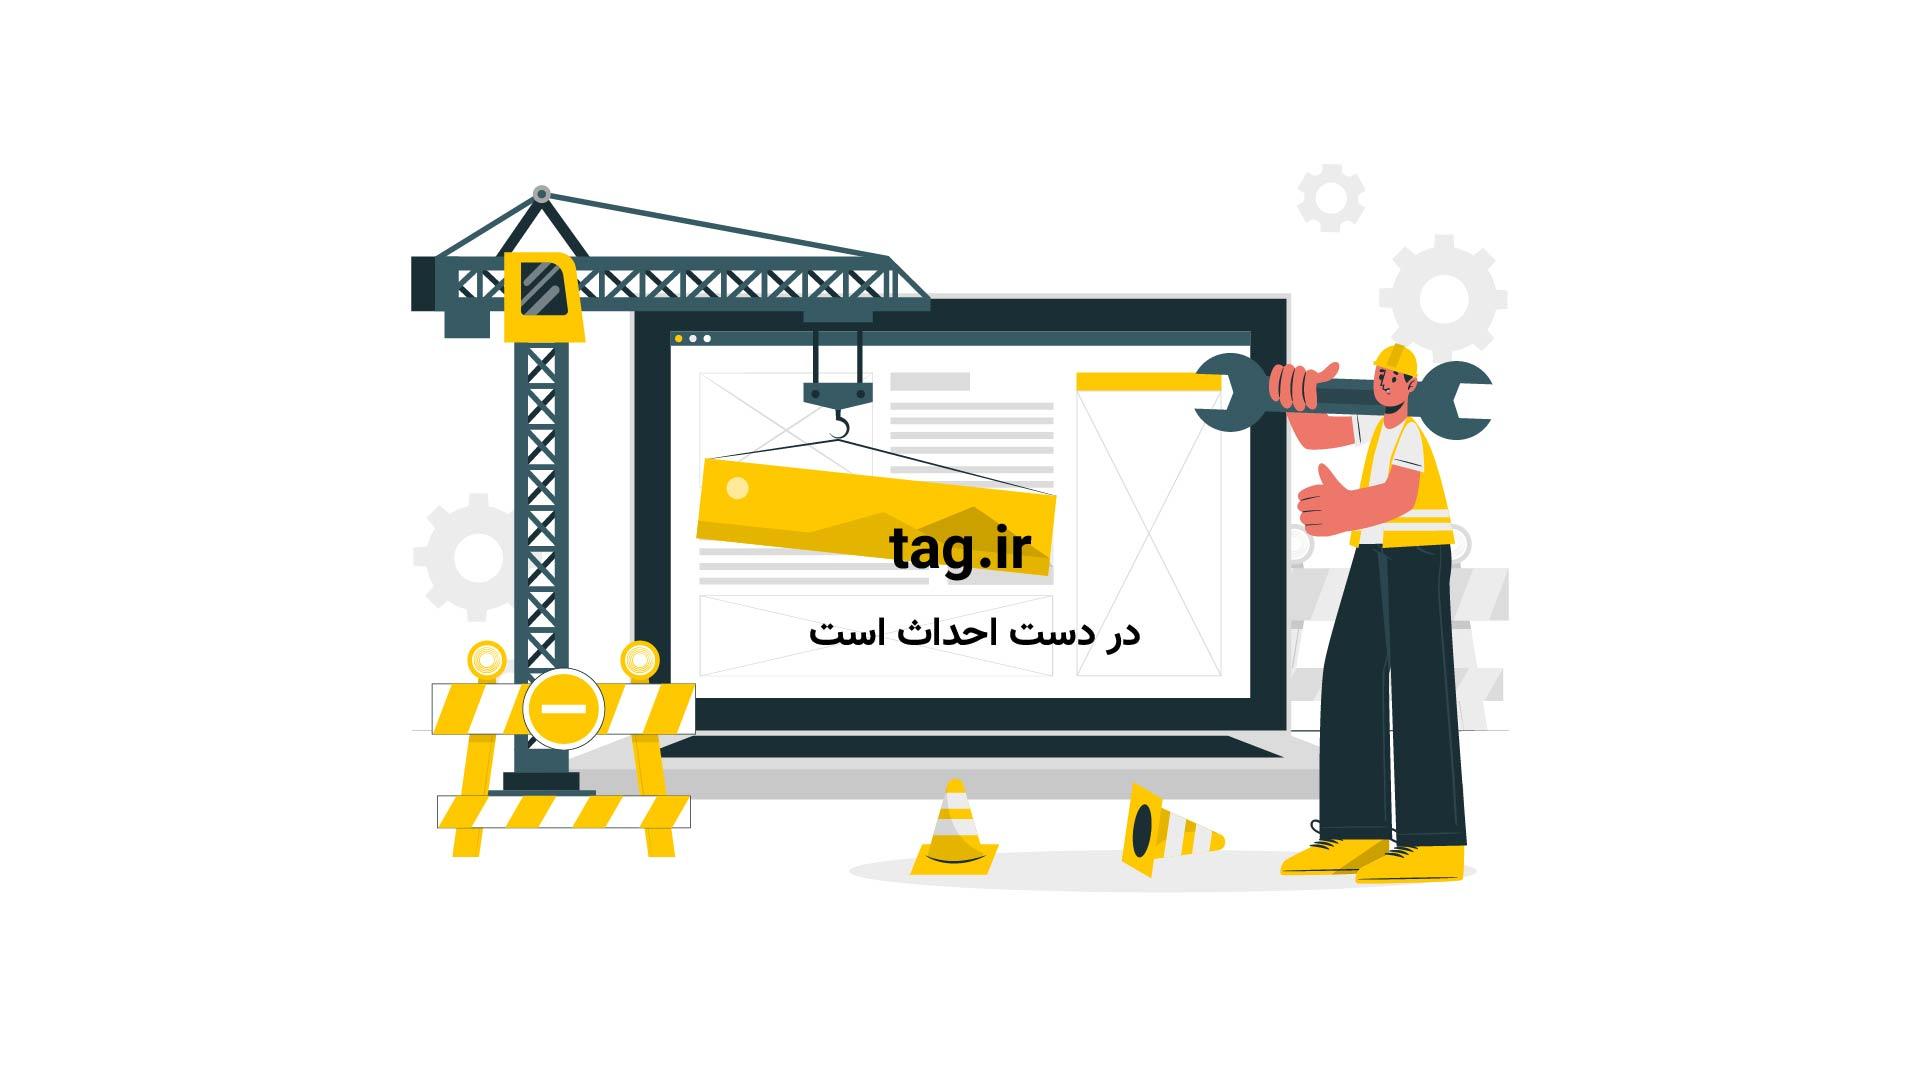 حضور مردم در مراسم شهید حججی| تگ